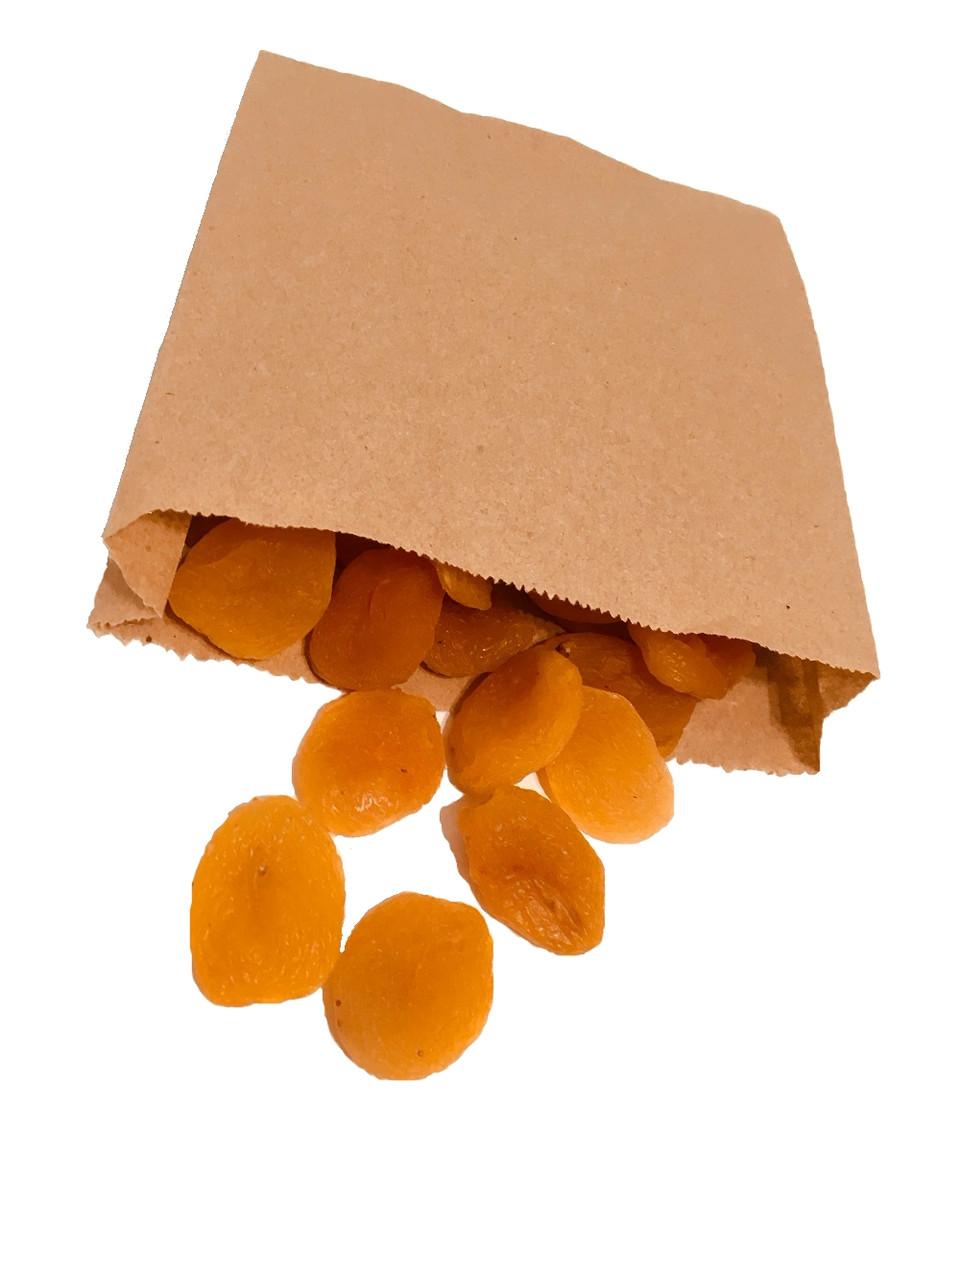 Пакет для самсы, пончиков, хачапури, булочек и др.выпечки (170мм*30мм*230 мм.)